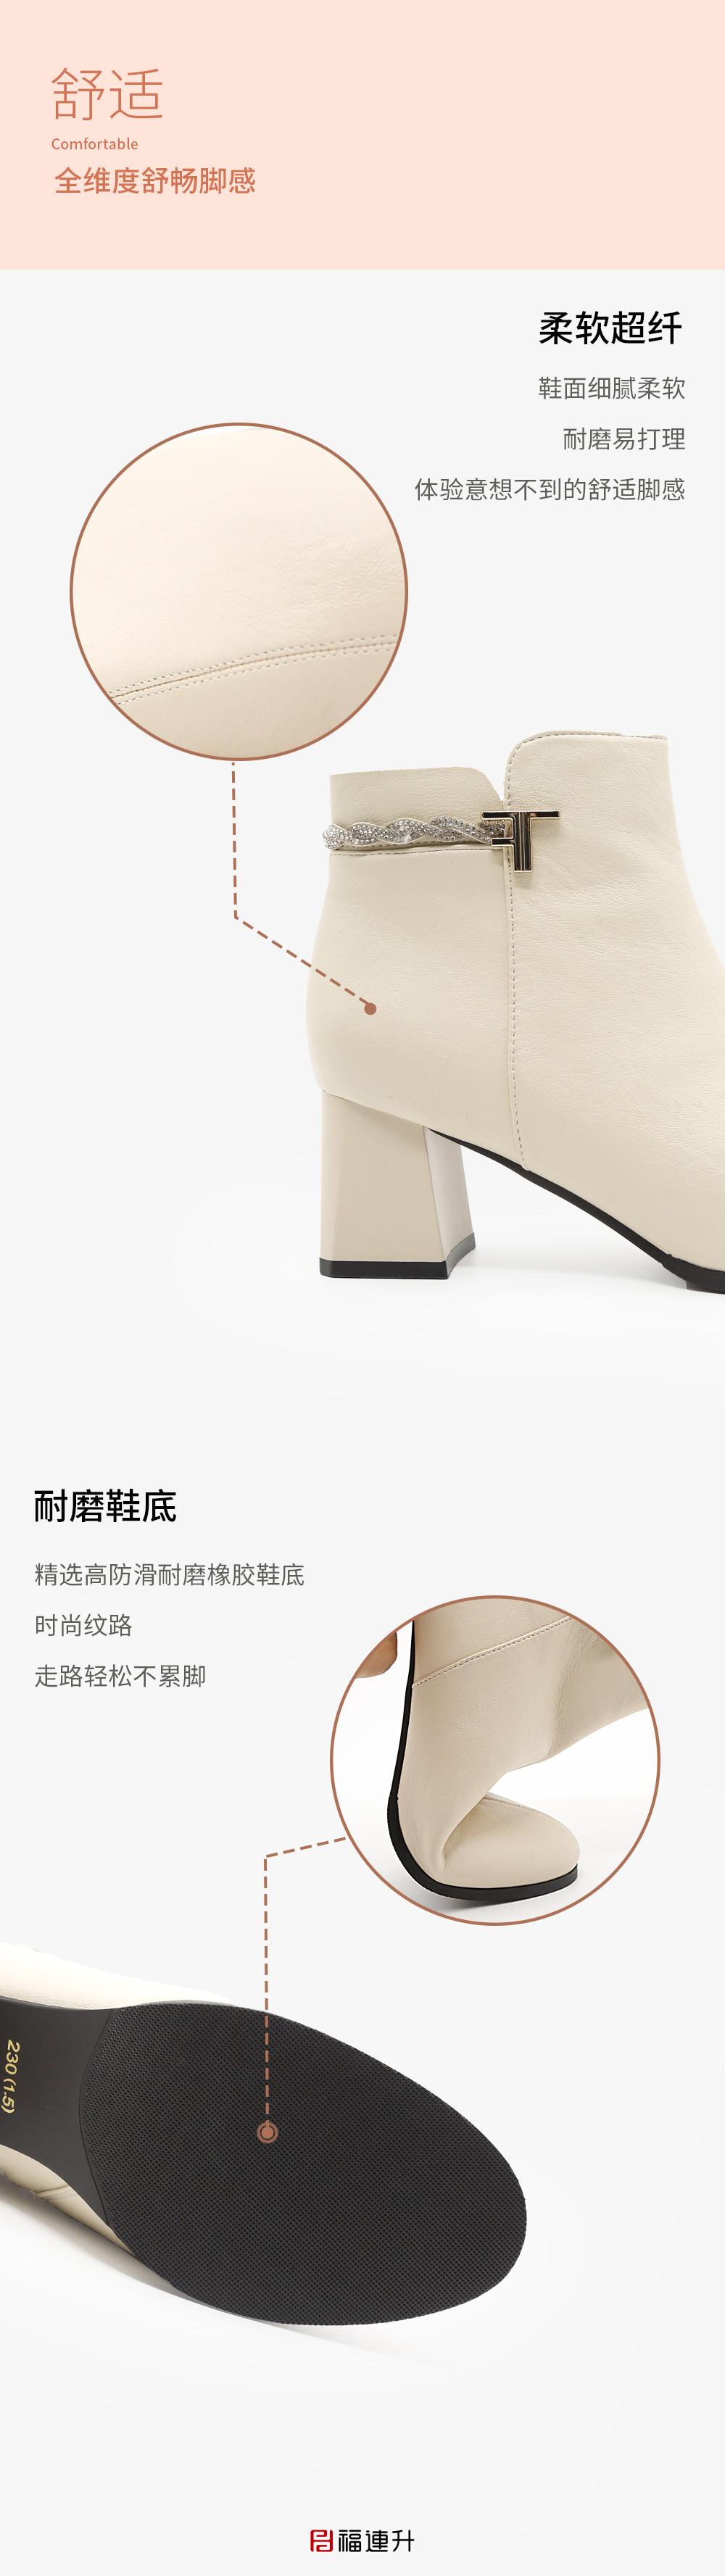 福连升休闲鞋短靴女20冬季新款粗跟短筒圆头高跟工作鞋图片